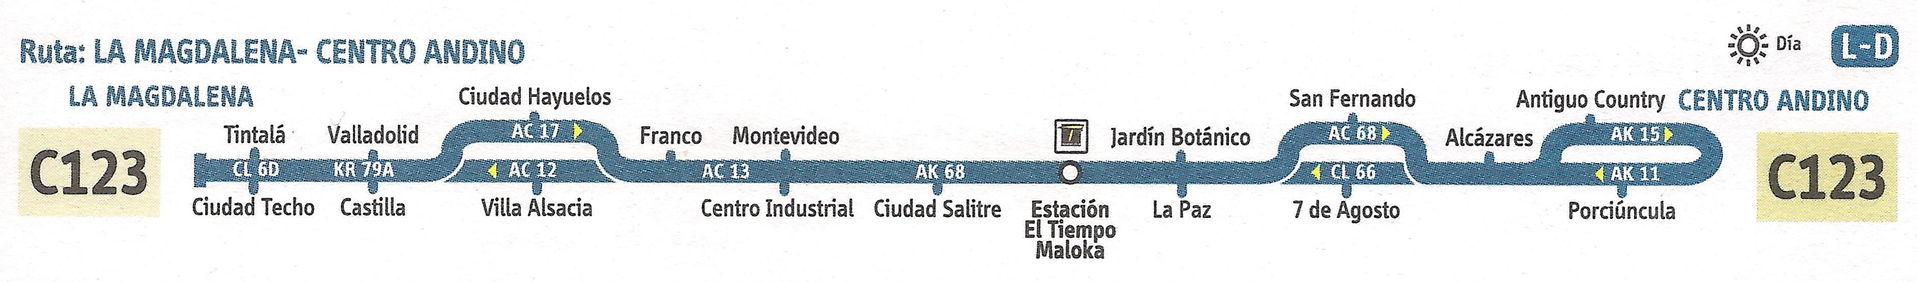 Ruta SITP: C123 La Magdalena ↔ Chicó [Urbana] 1